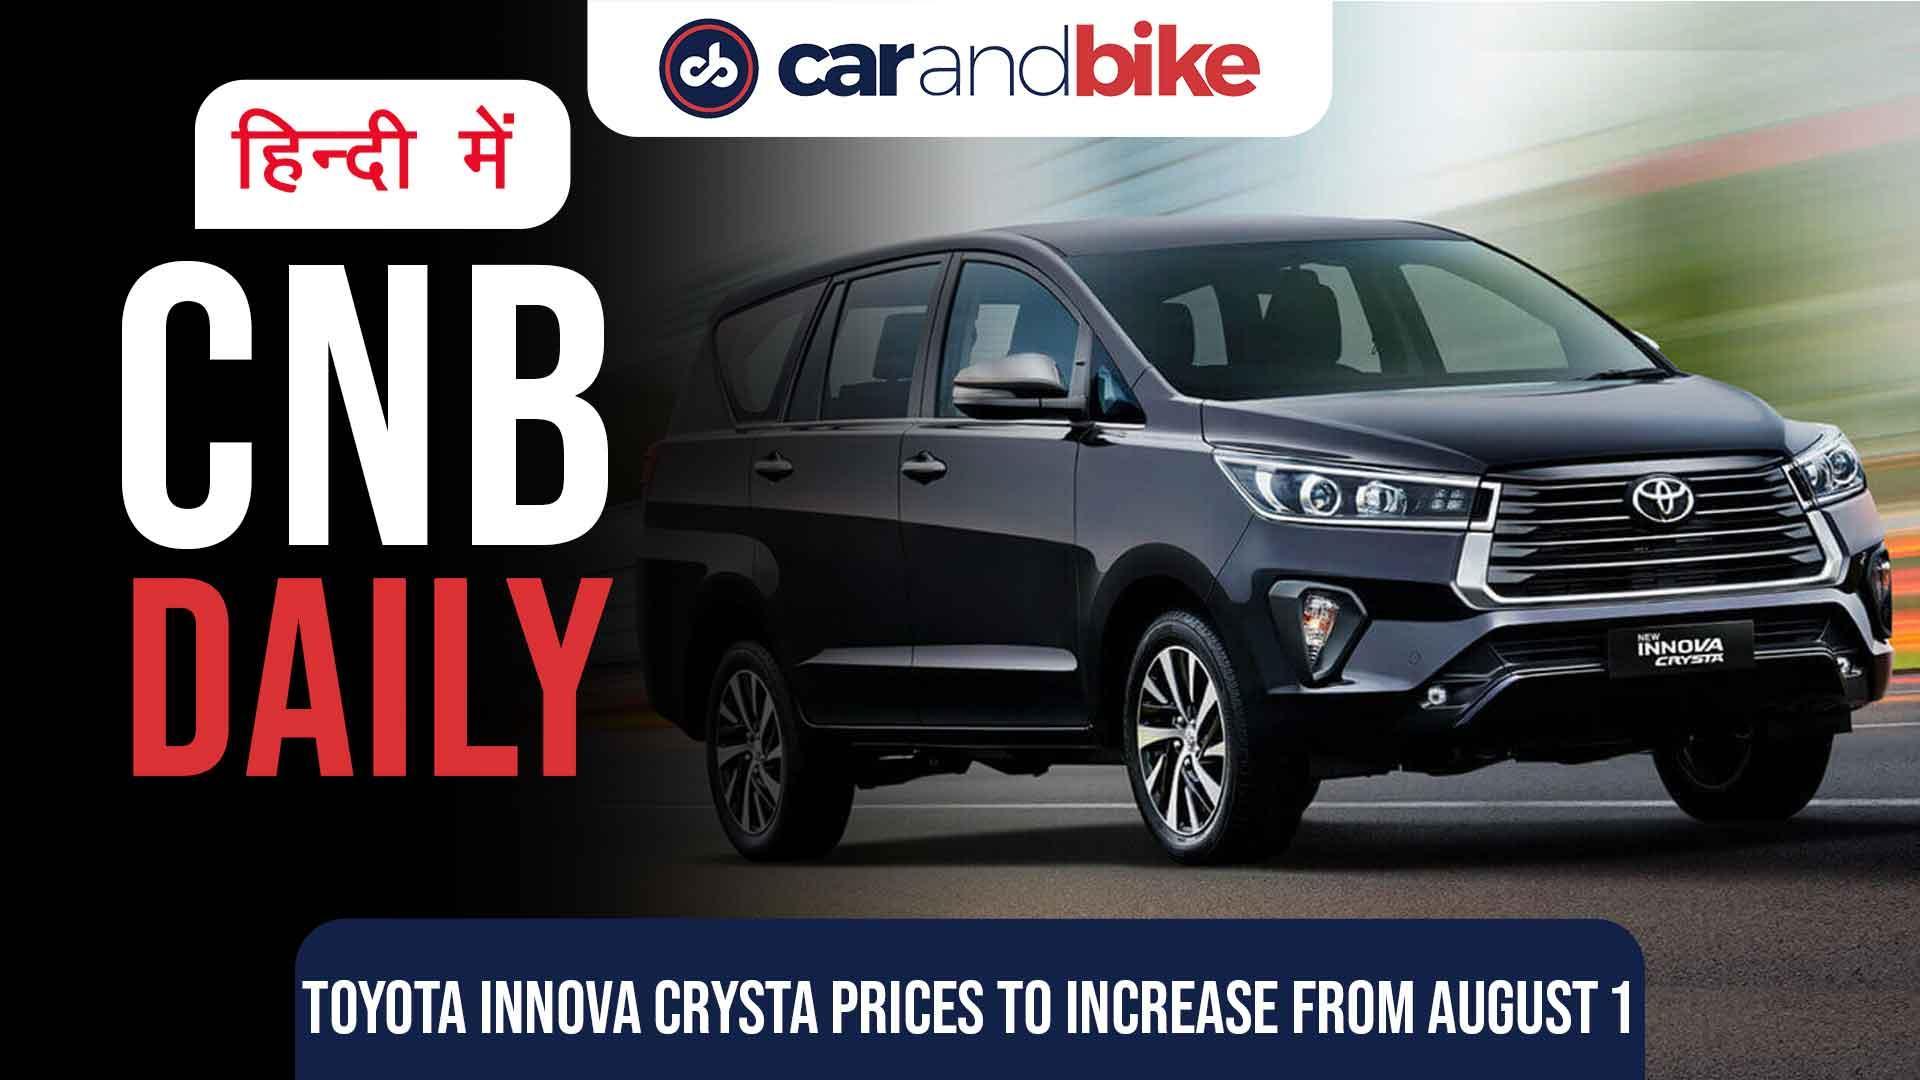 1 अगस्त से बढ़ाई जाएगी टोयोटा इनोवा क्रिस्टा की कीमत